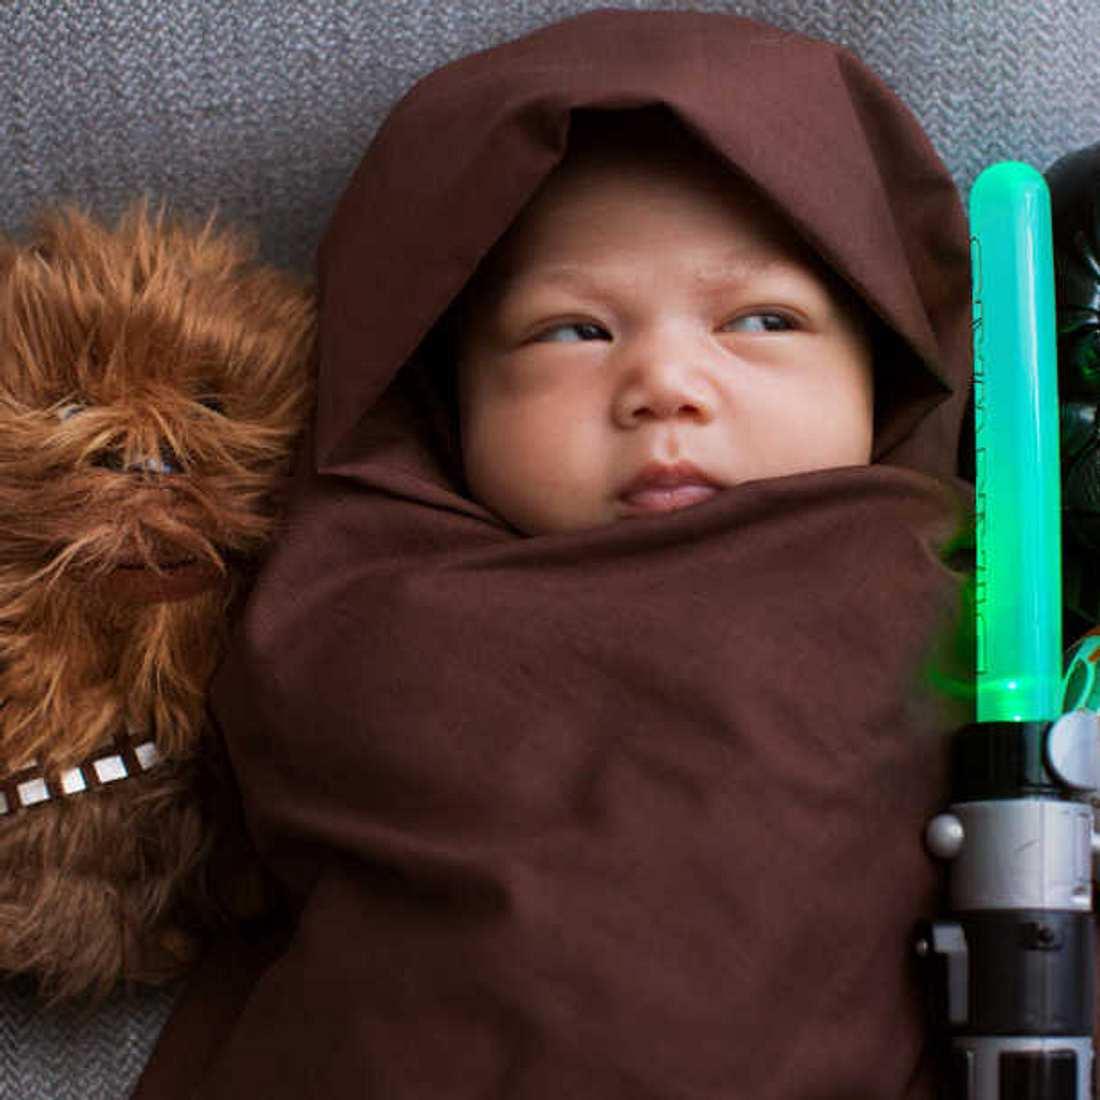 Mark Zuckerbergs süße Tochter Max im Star Wars-Kostüm